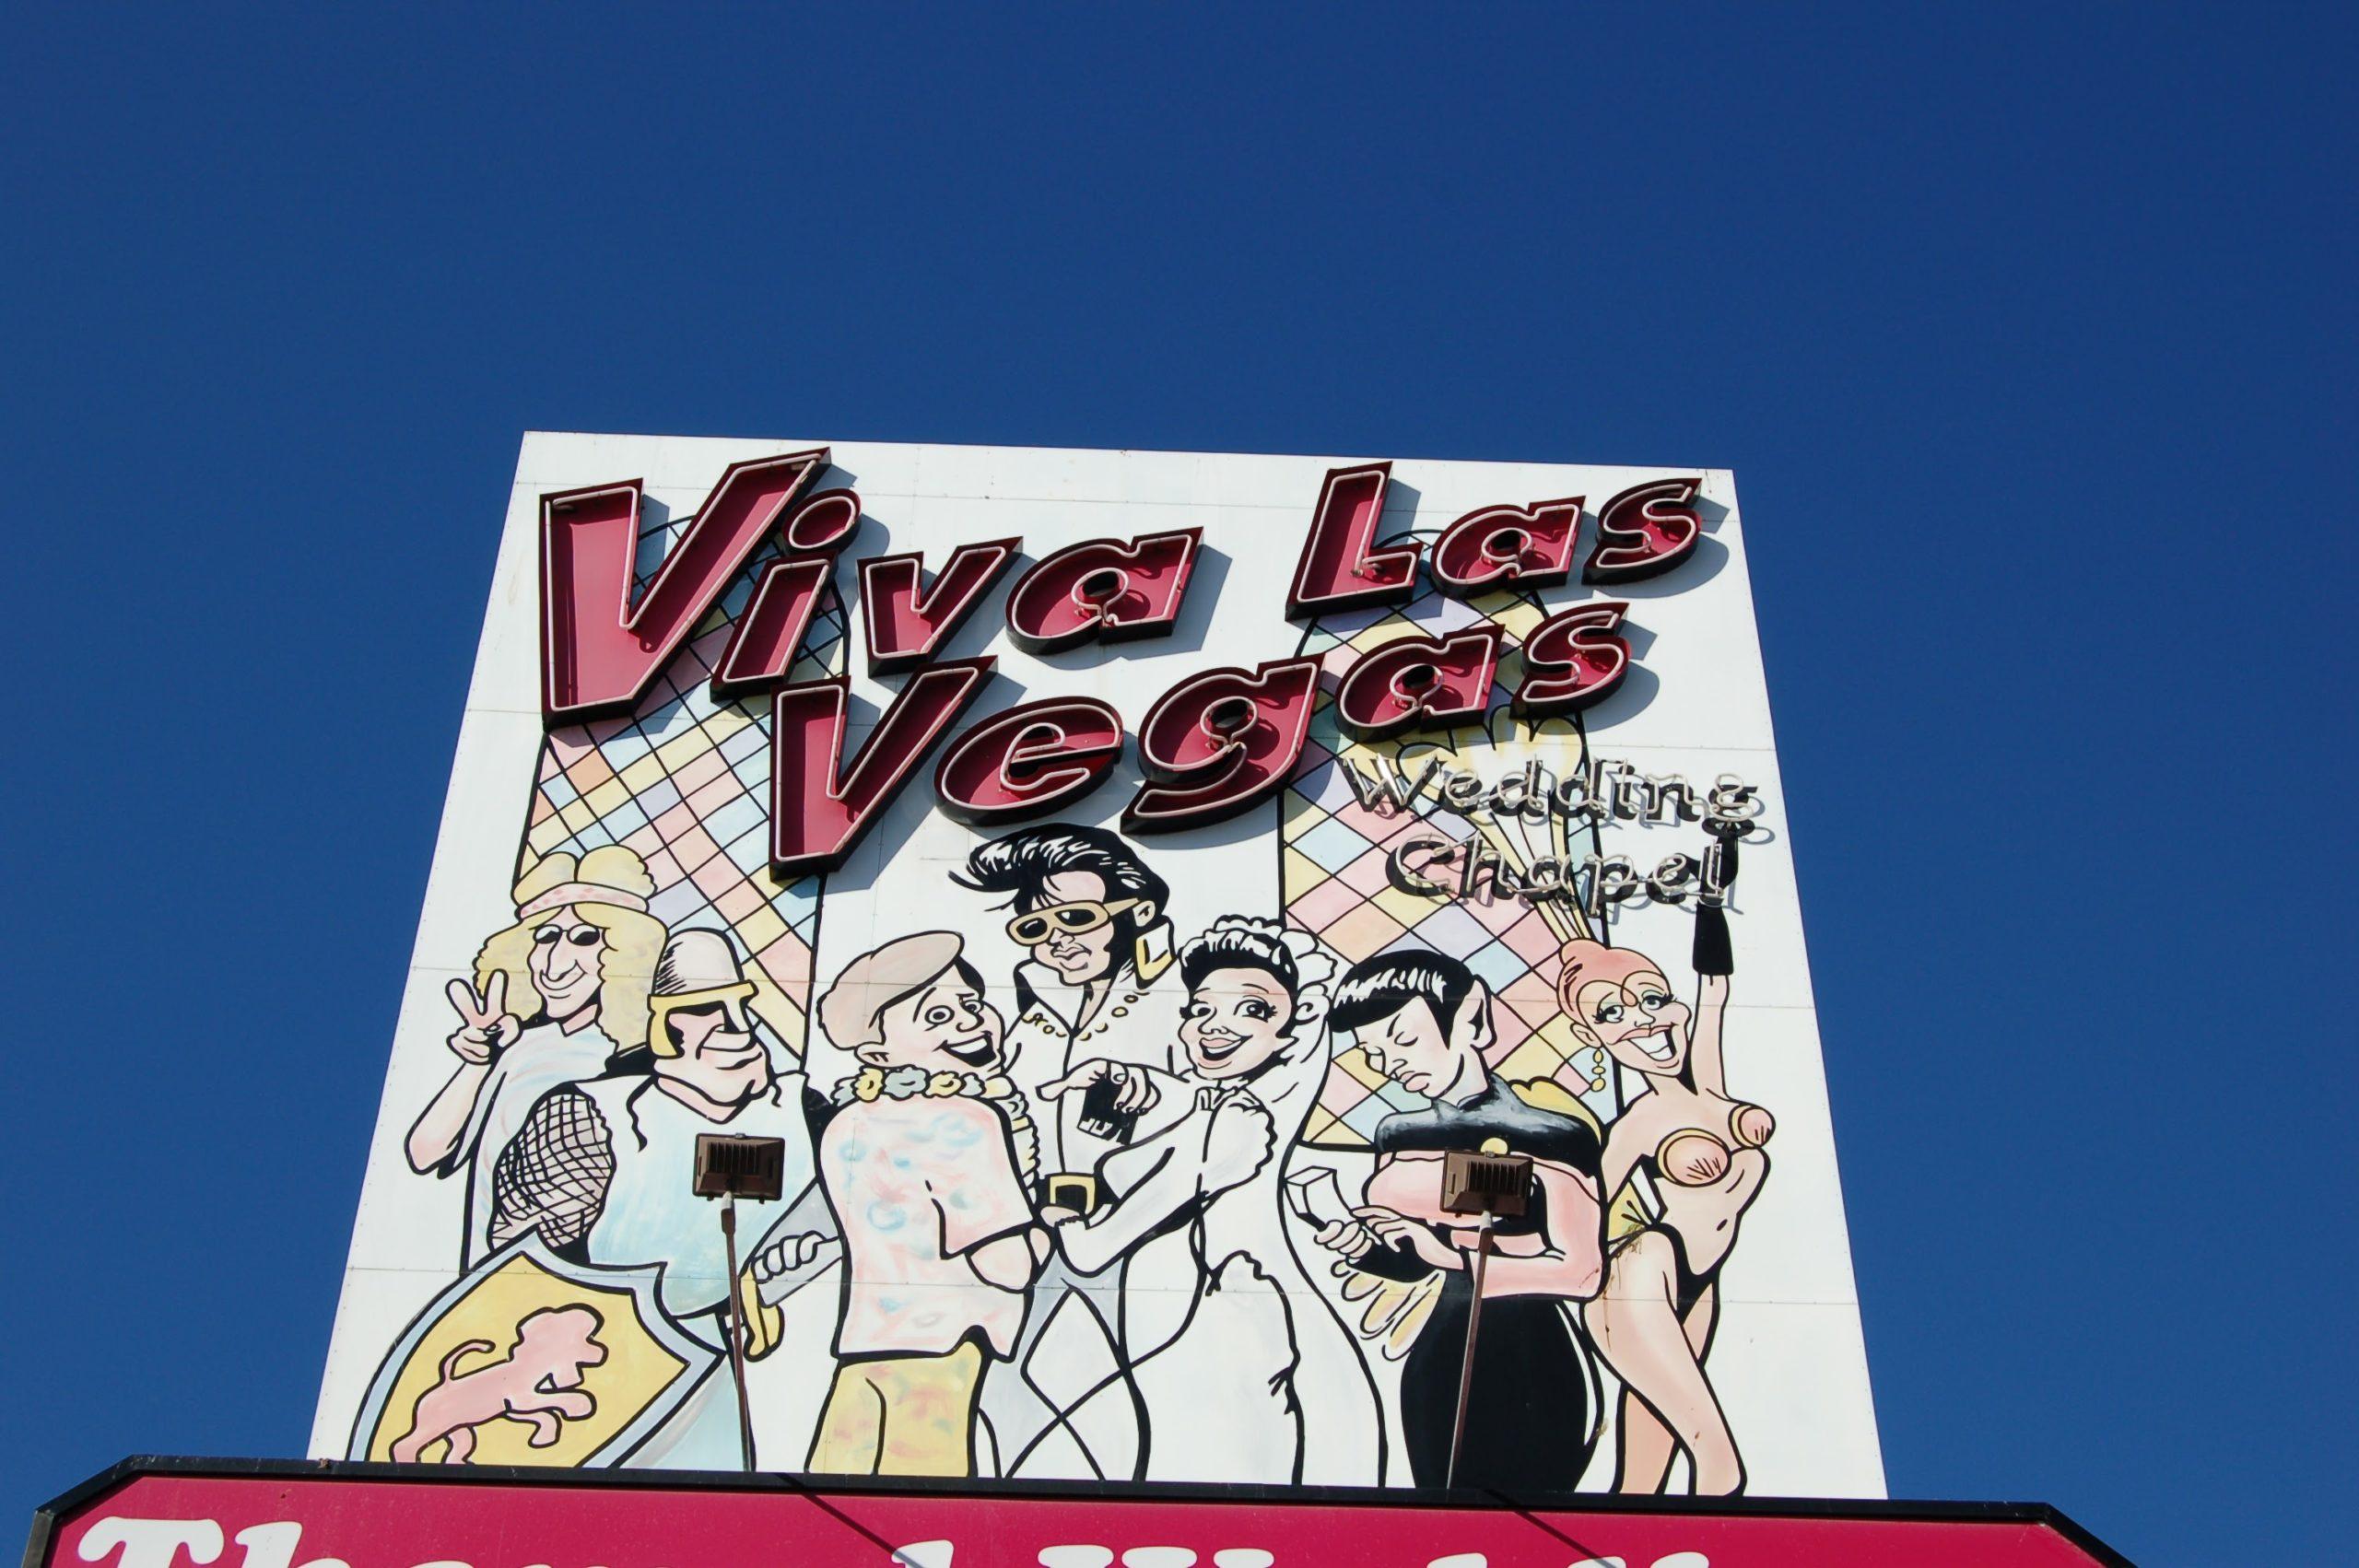 Viva Las Vegas Wedding Chapel, Las Vegas